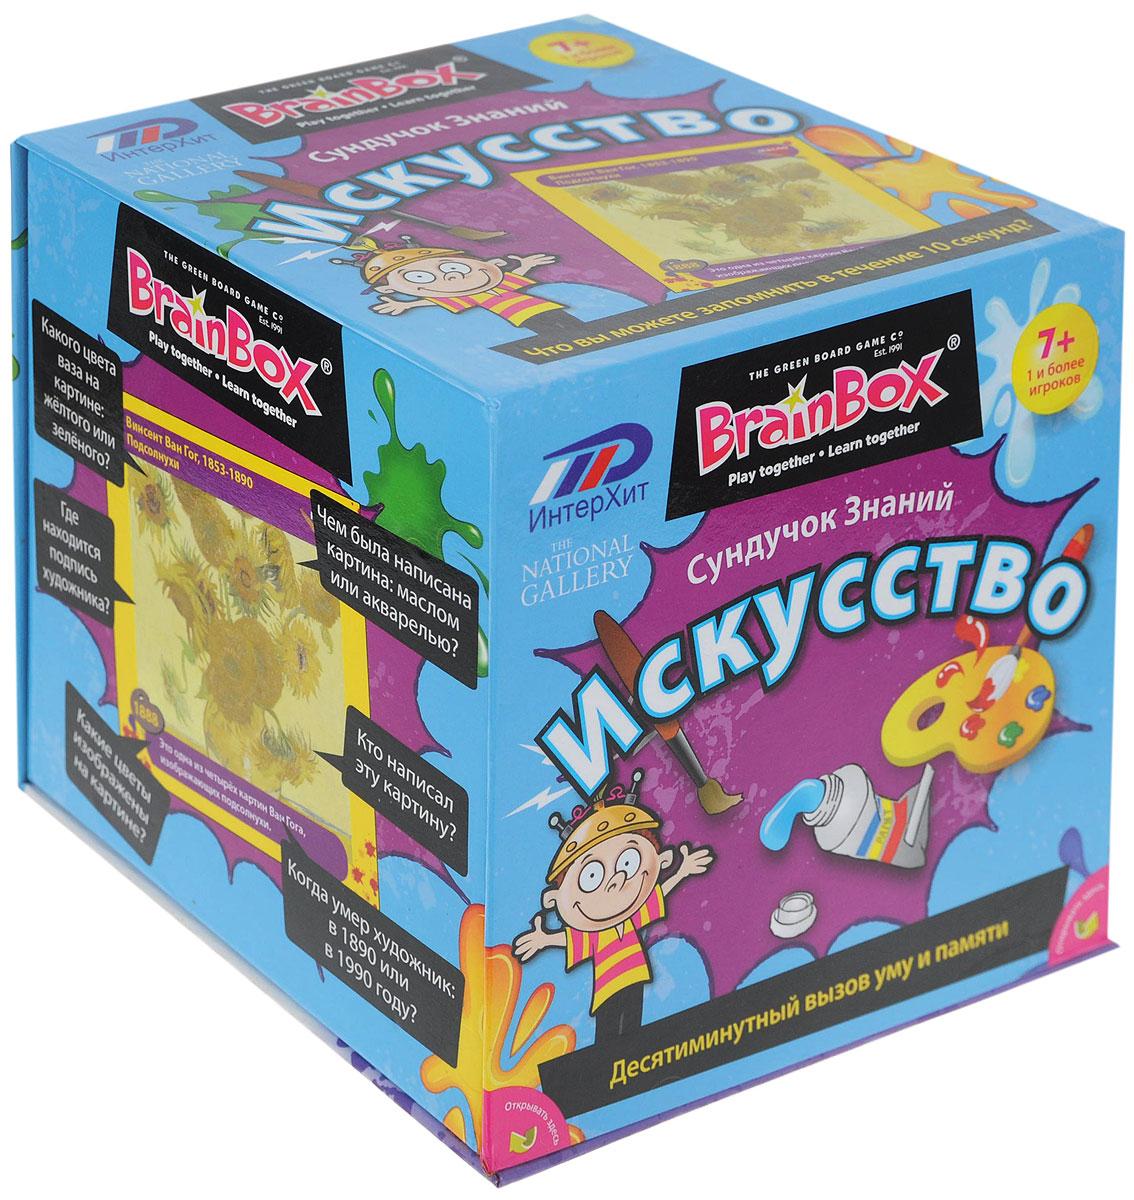 BrainBox Настольная игра Сундучок знаний Искусство цена и фото